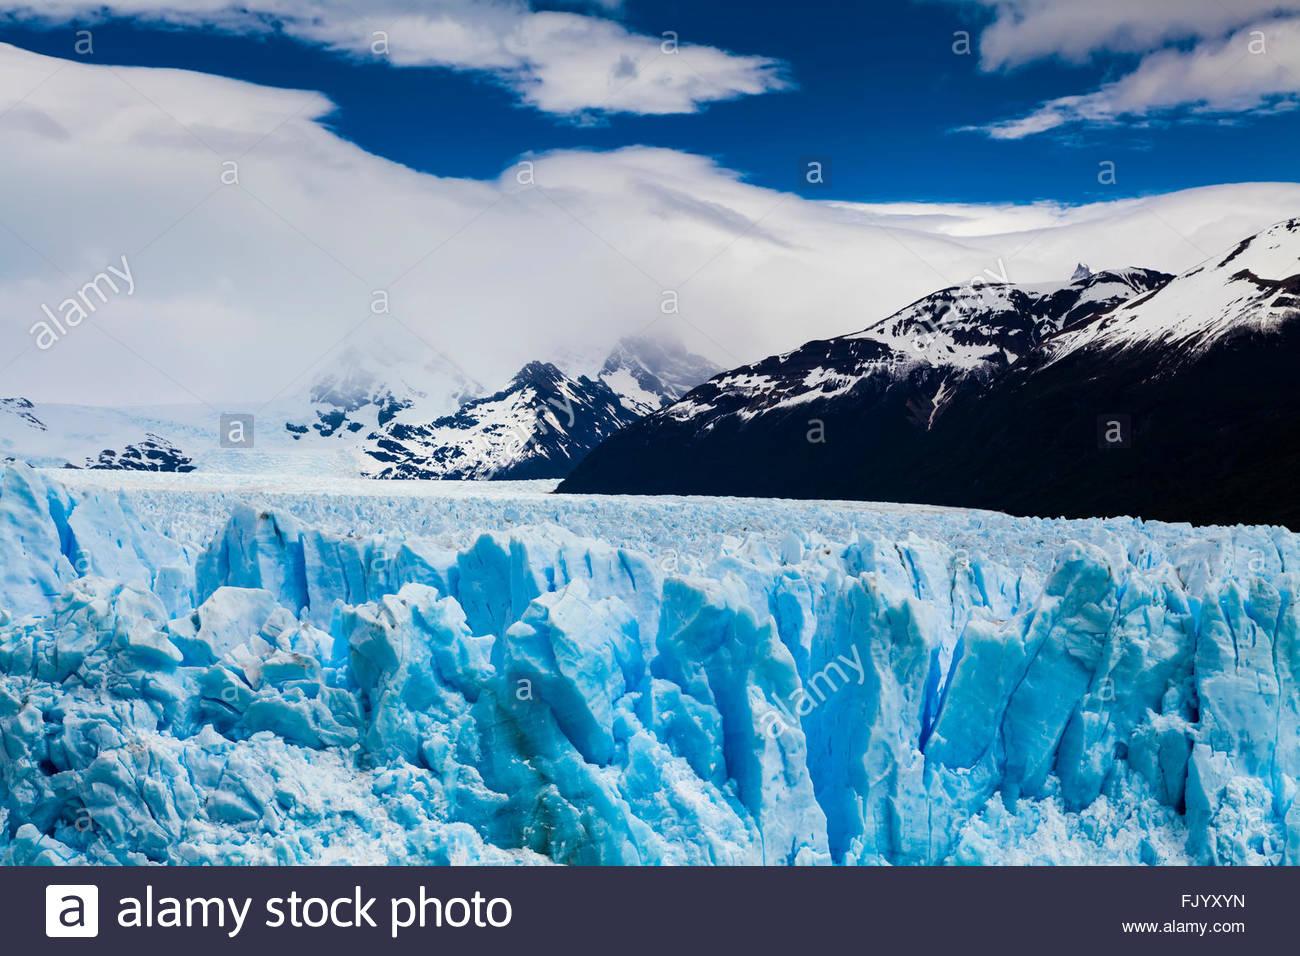 Blue ice Perito Moreno Glacier. Patagonia. Argentina. - Stock Image